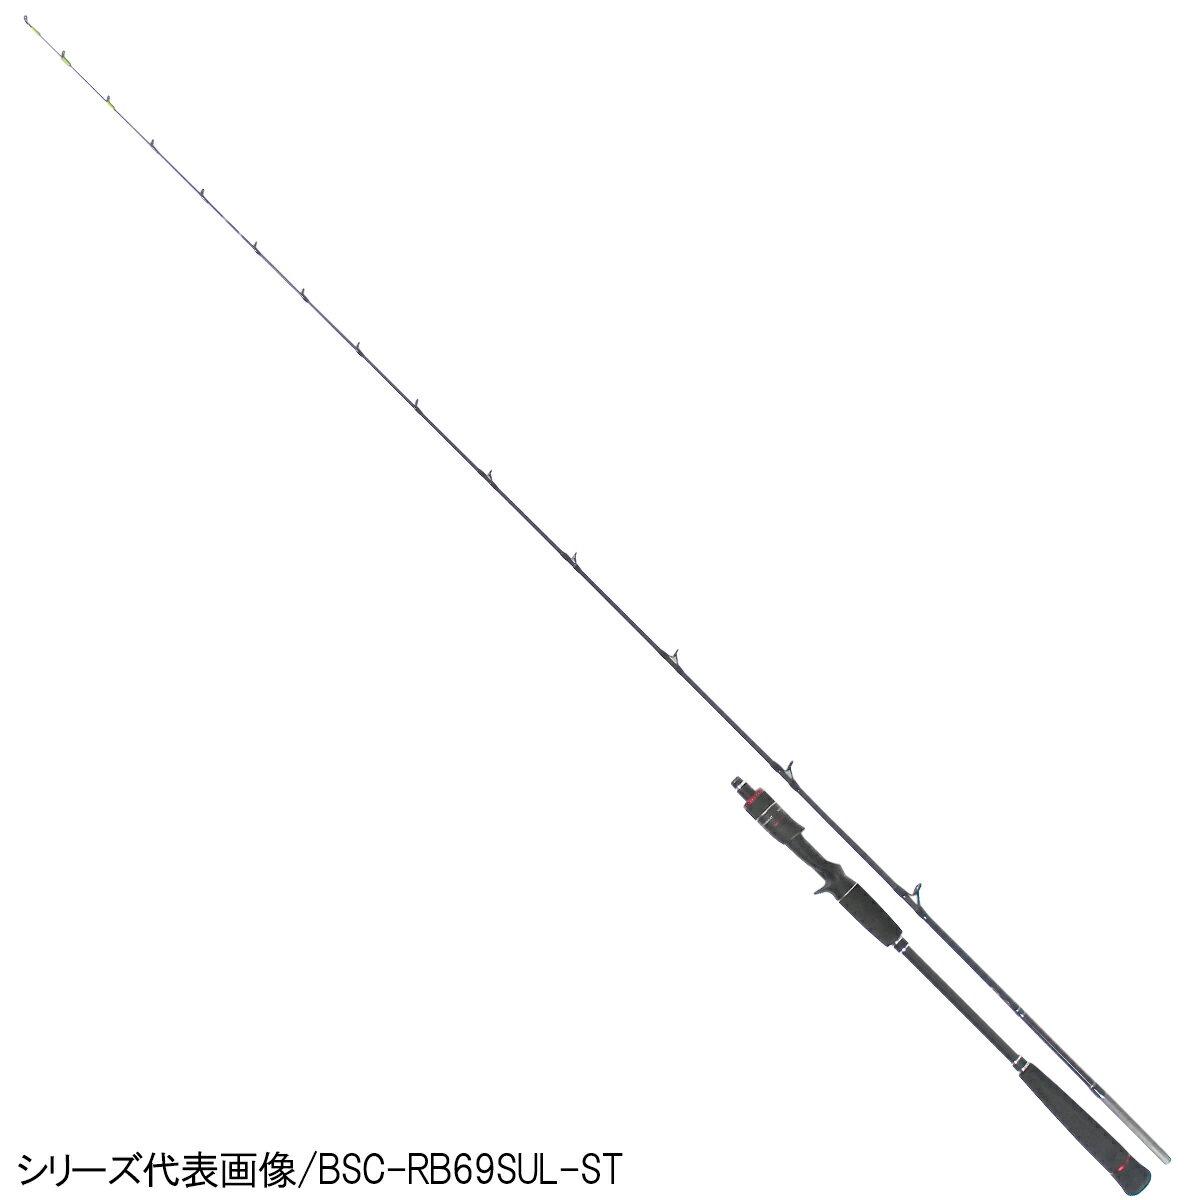 ジャッカル ビンビンスティック RB BSC-RB69XSUL-ST【大型商品】